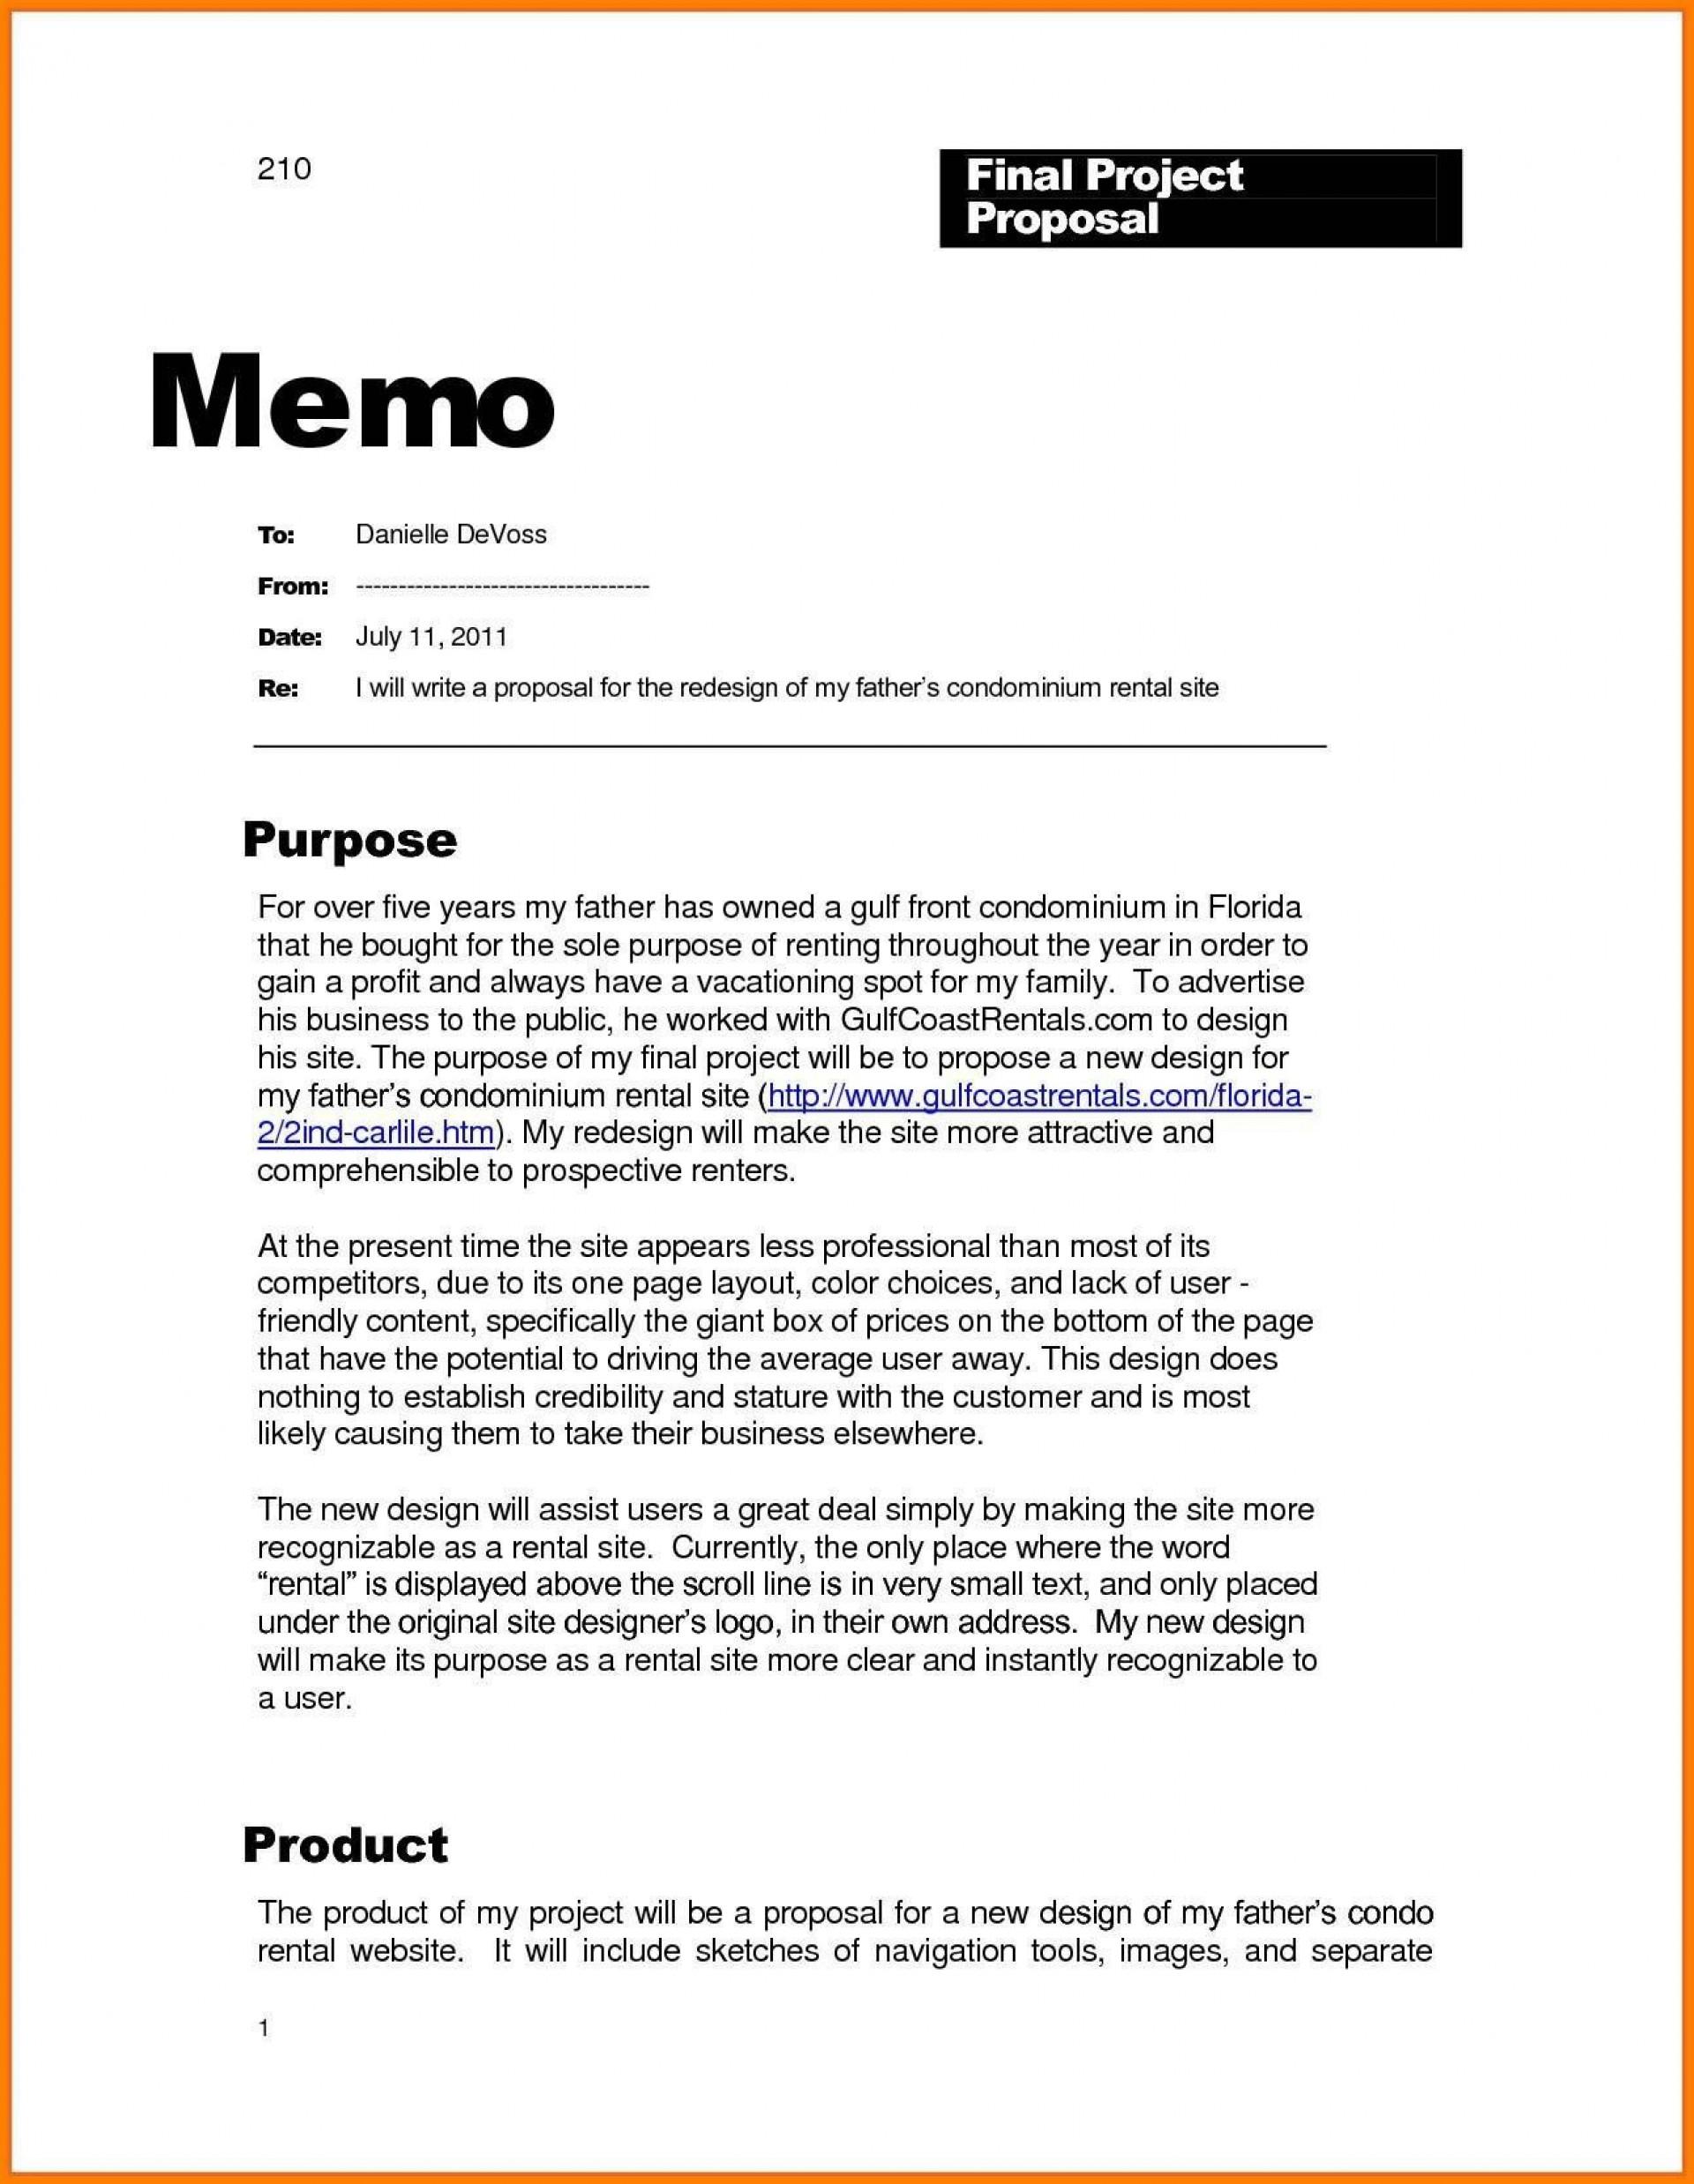 005 Wonderful Microsoft Word Professional Memorandum Template Sample  Memo1920